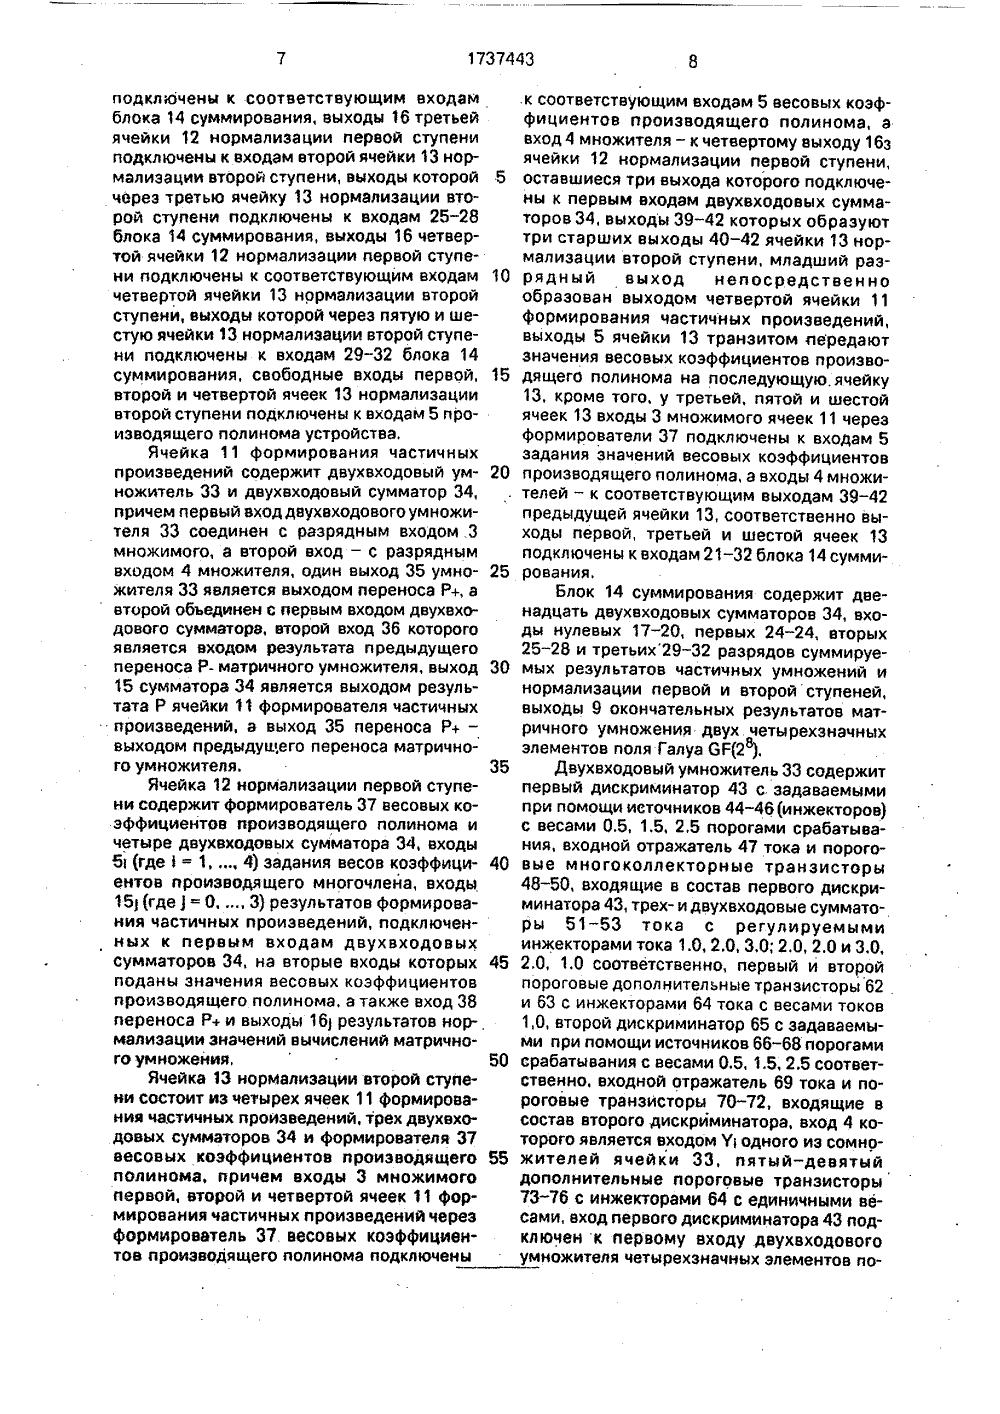 логическая схема четырёхразрядного умножителя